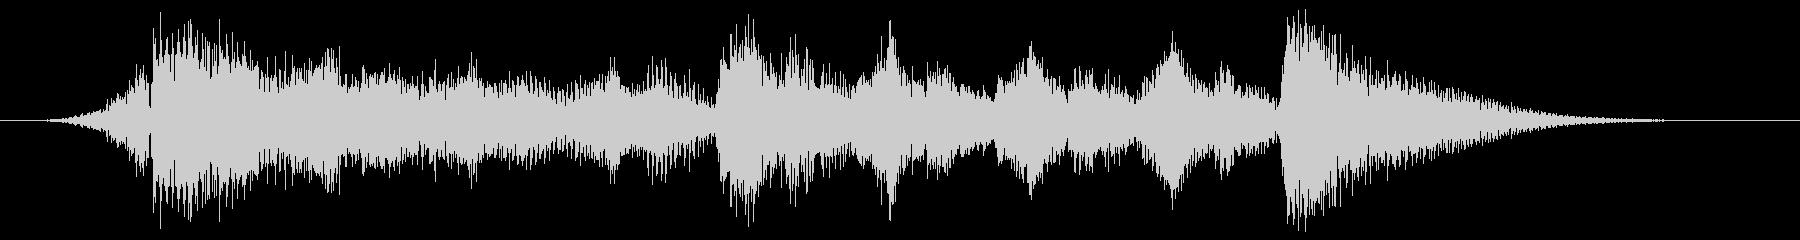 ハローウィン用のホラー曲-スティンガーの未再生の波形